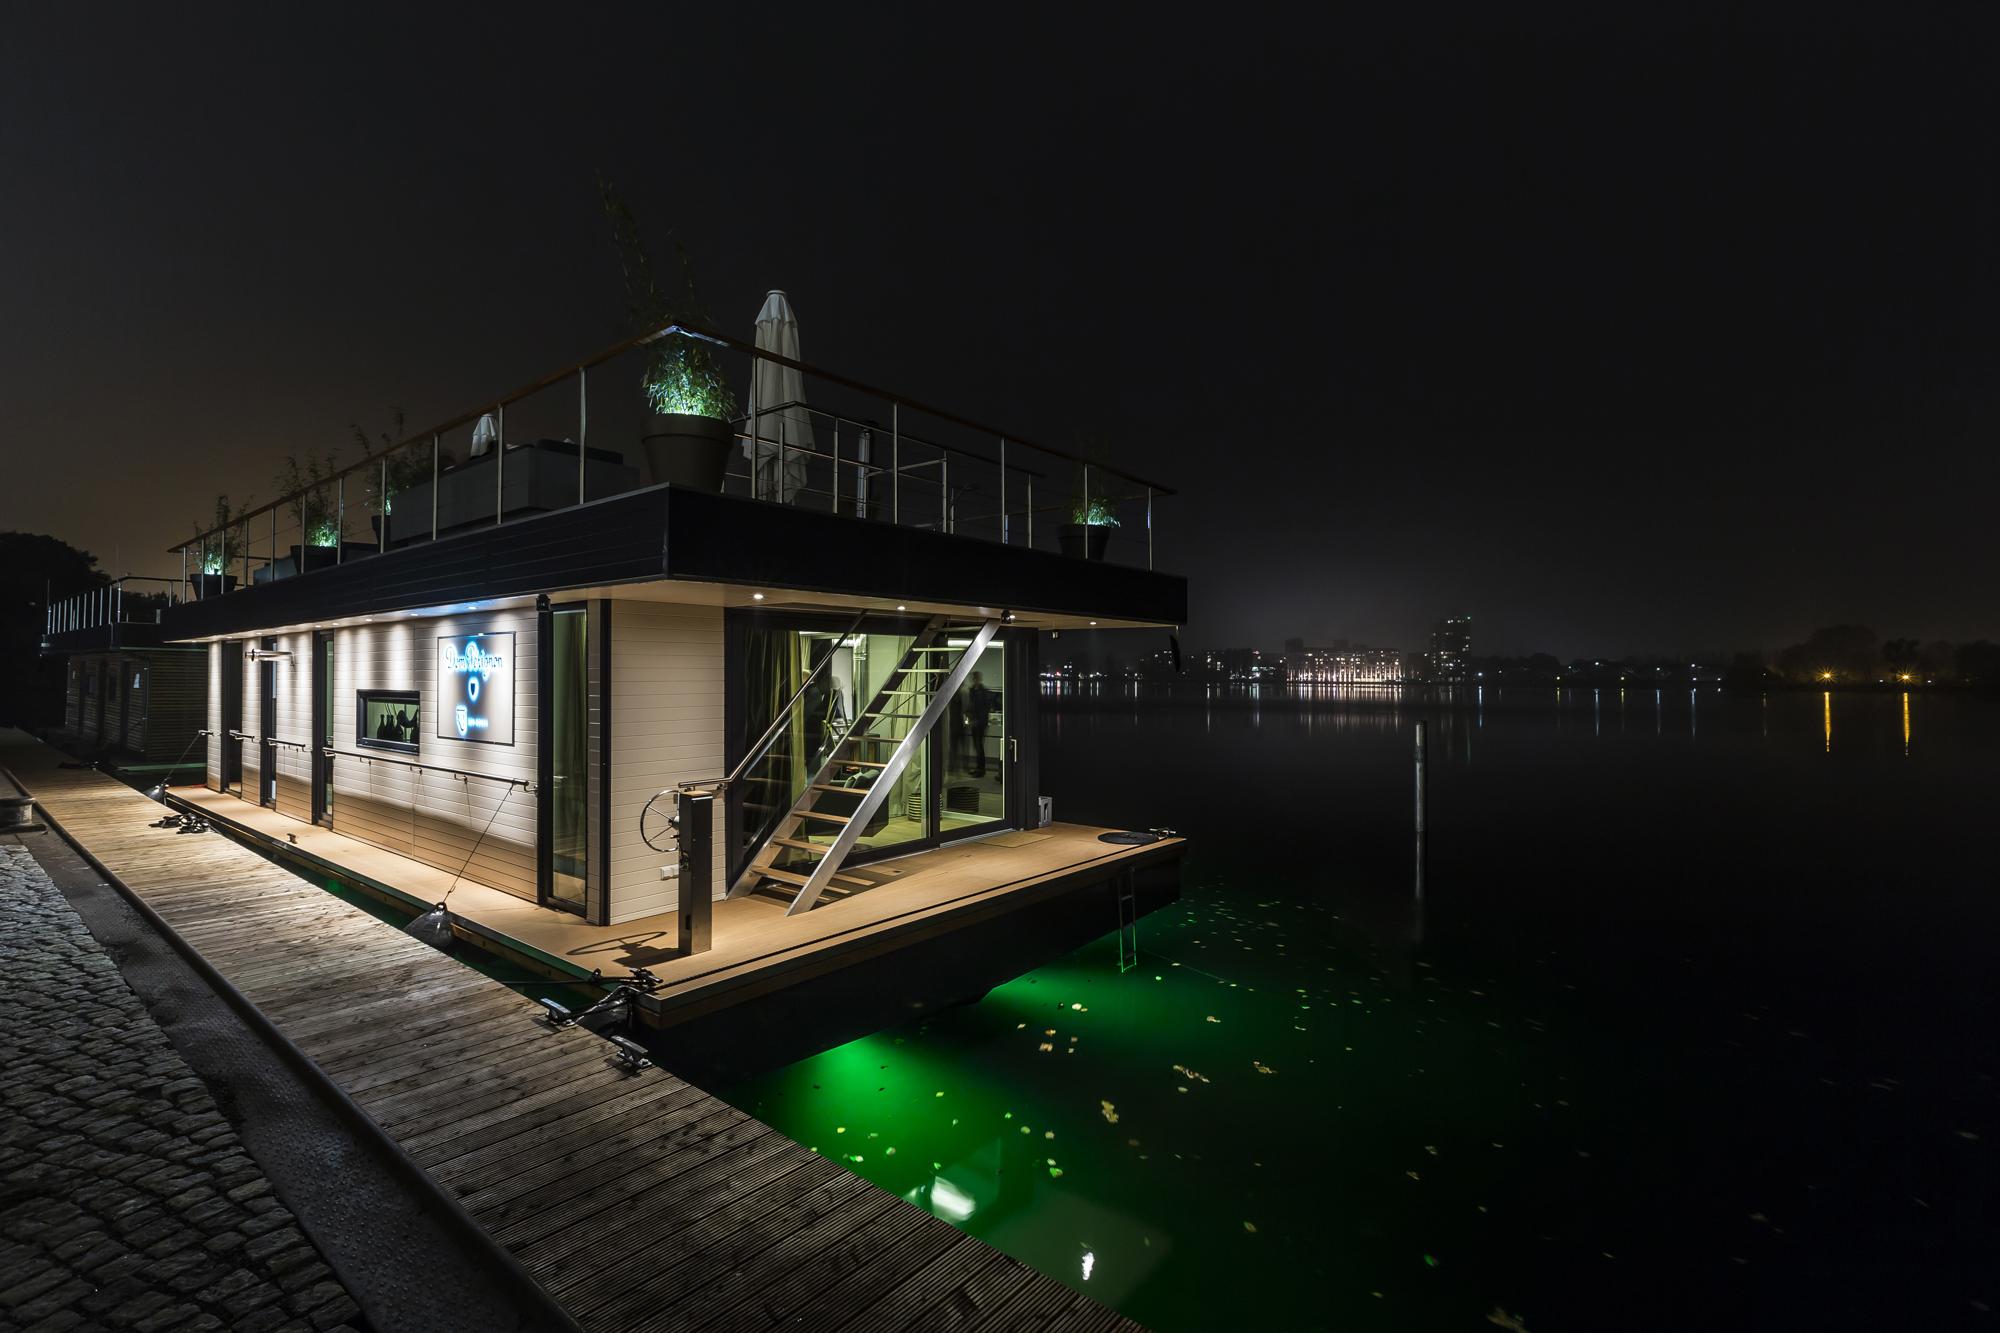 Ingo_Lawaczeck_REV_Hausboot-15